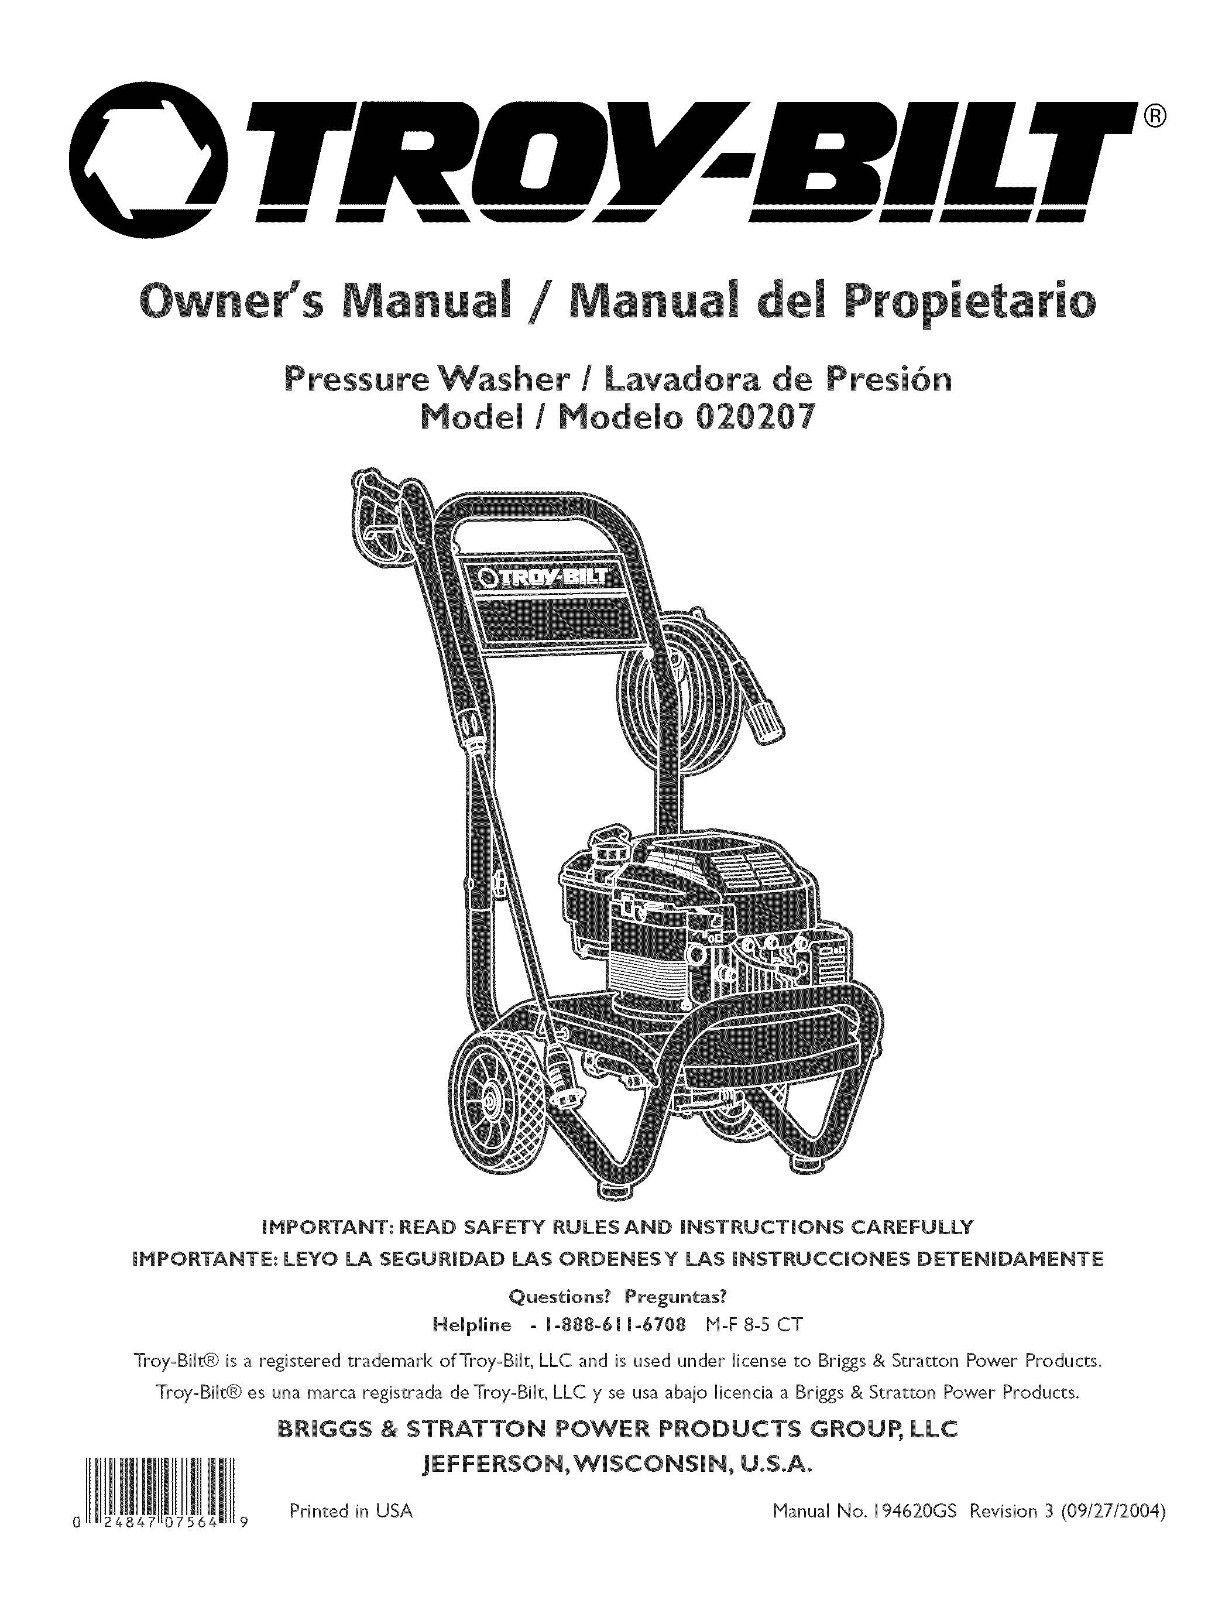 Troy-Bilt  Pressure Washer 2450 psi Model # 020207